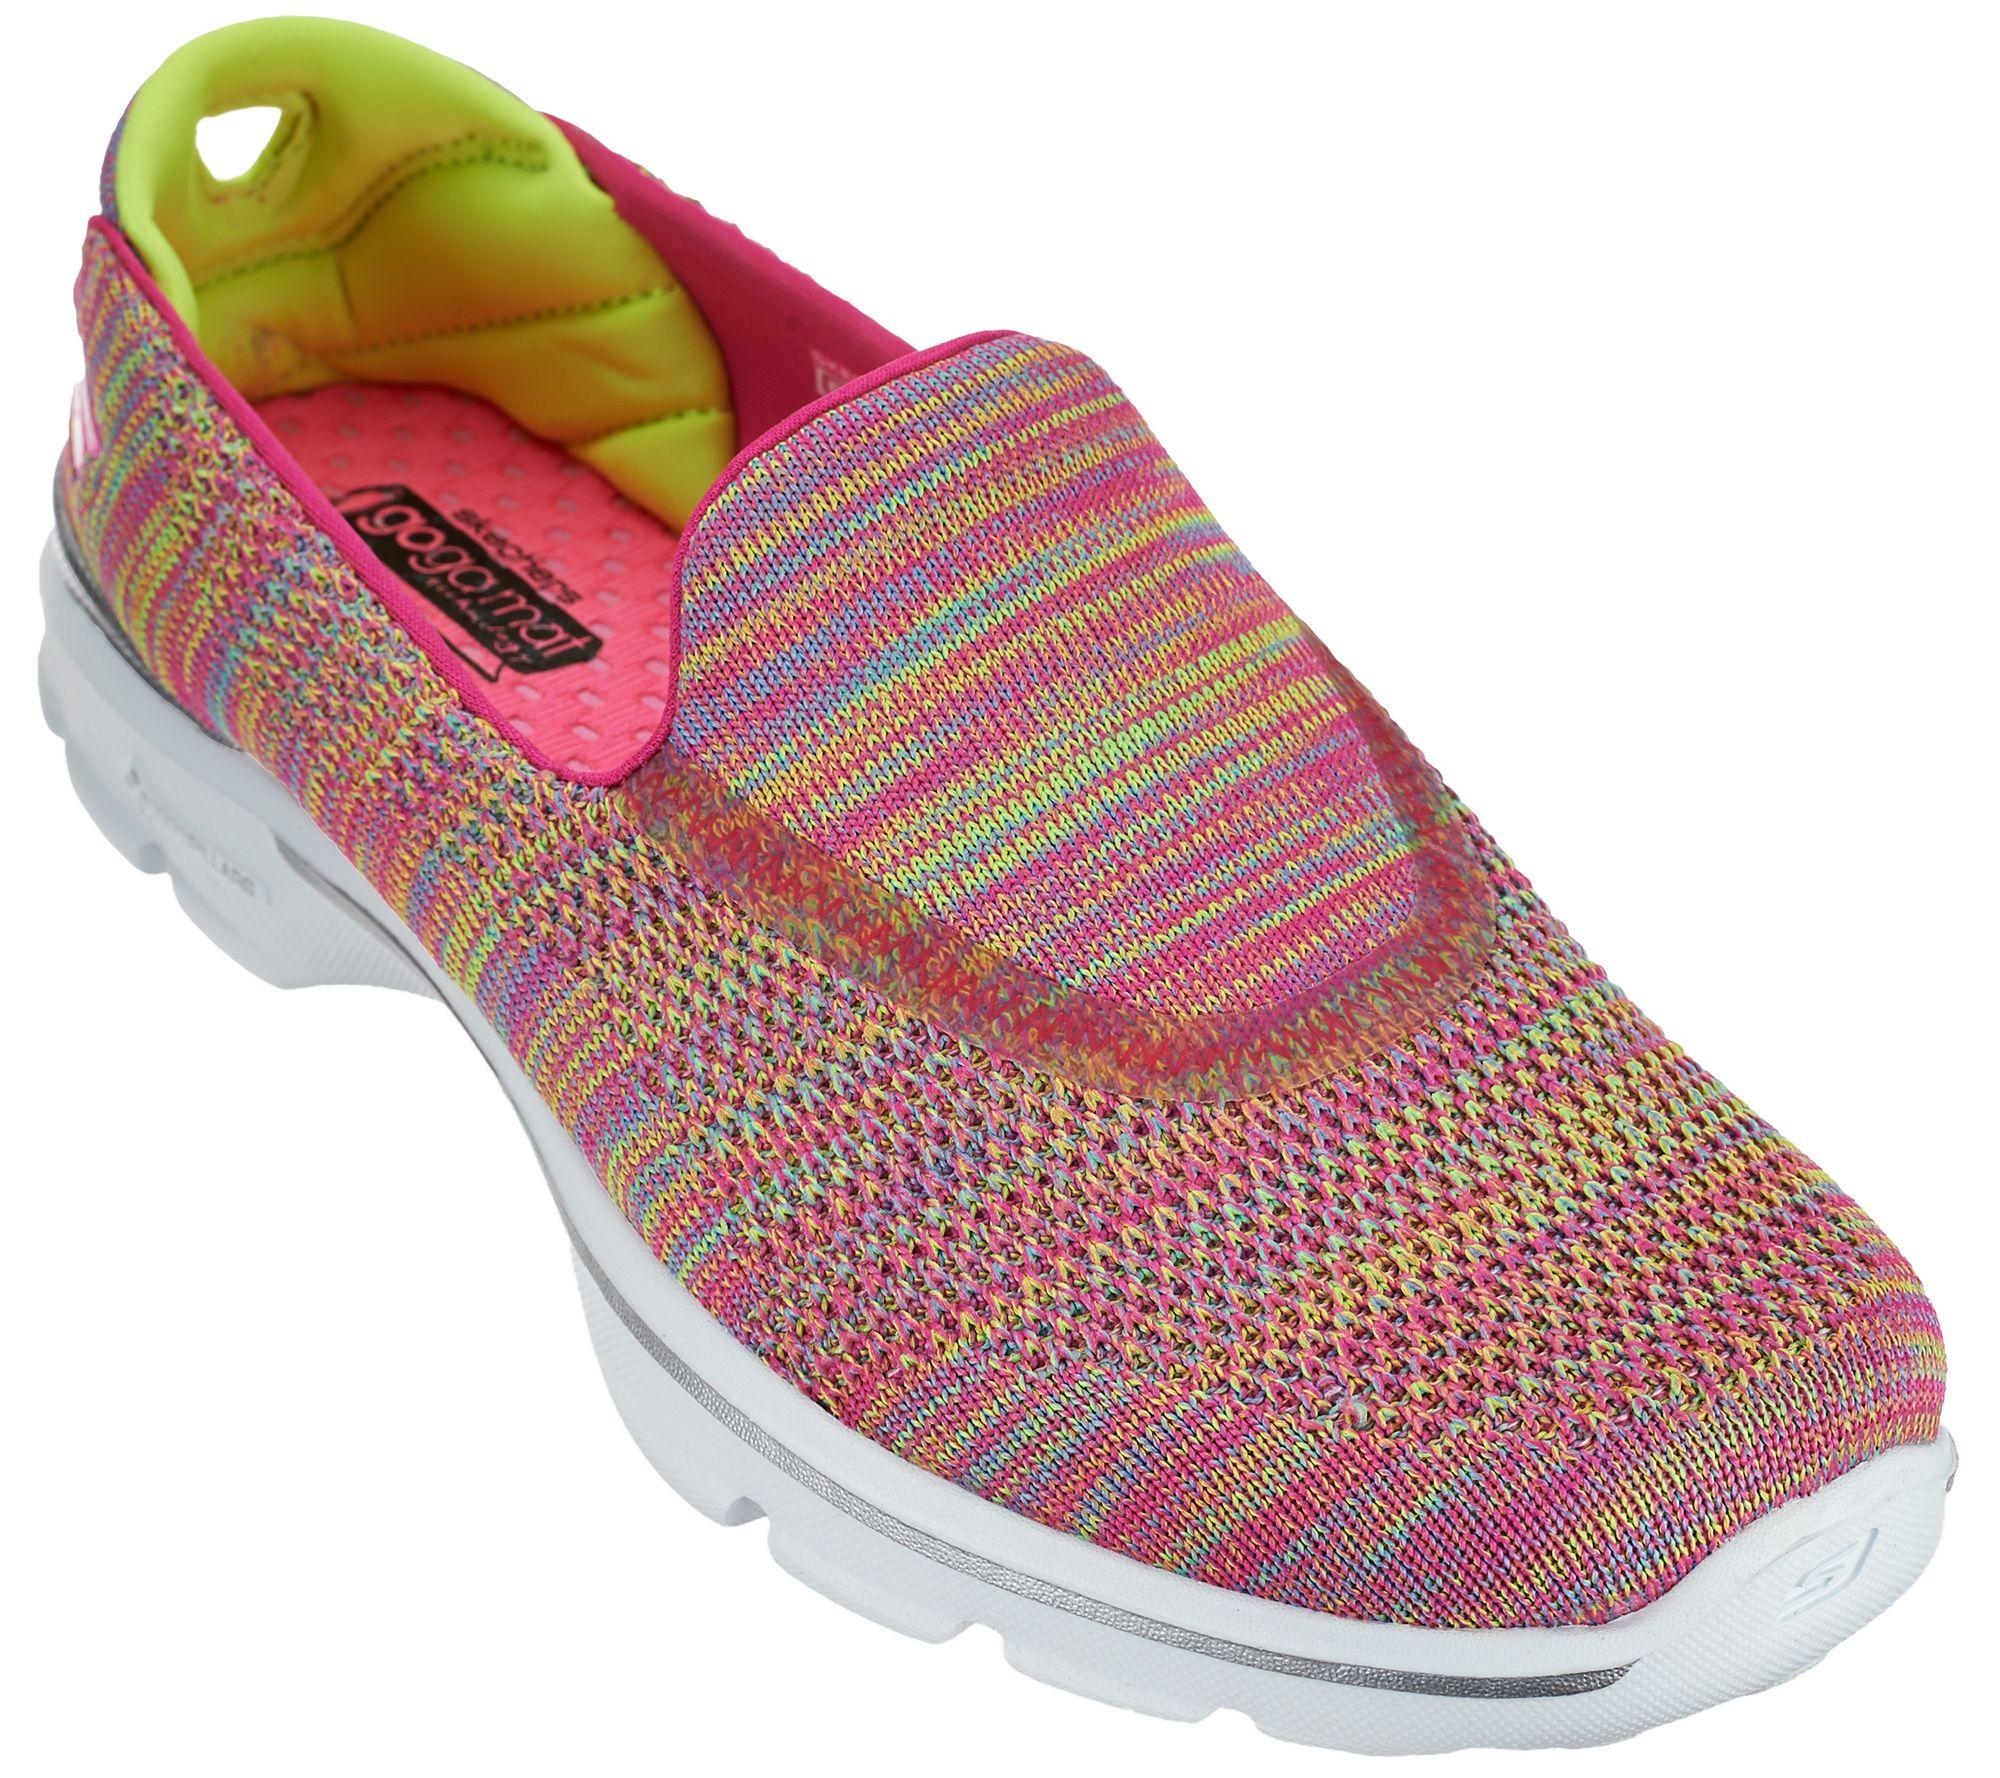 Skechers Gowalk 3 Fitknit Slip-on Sneakers